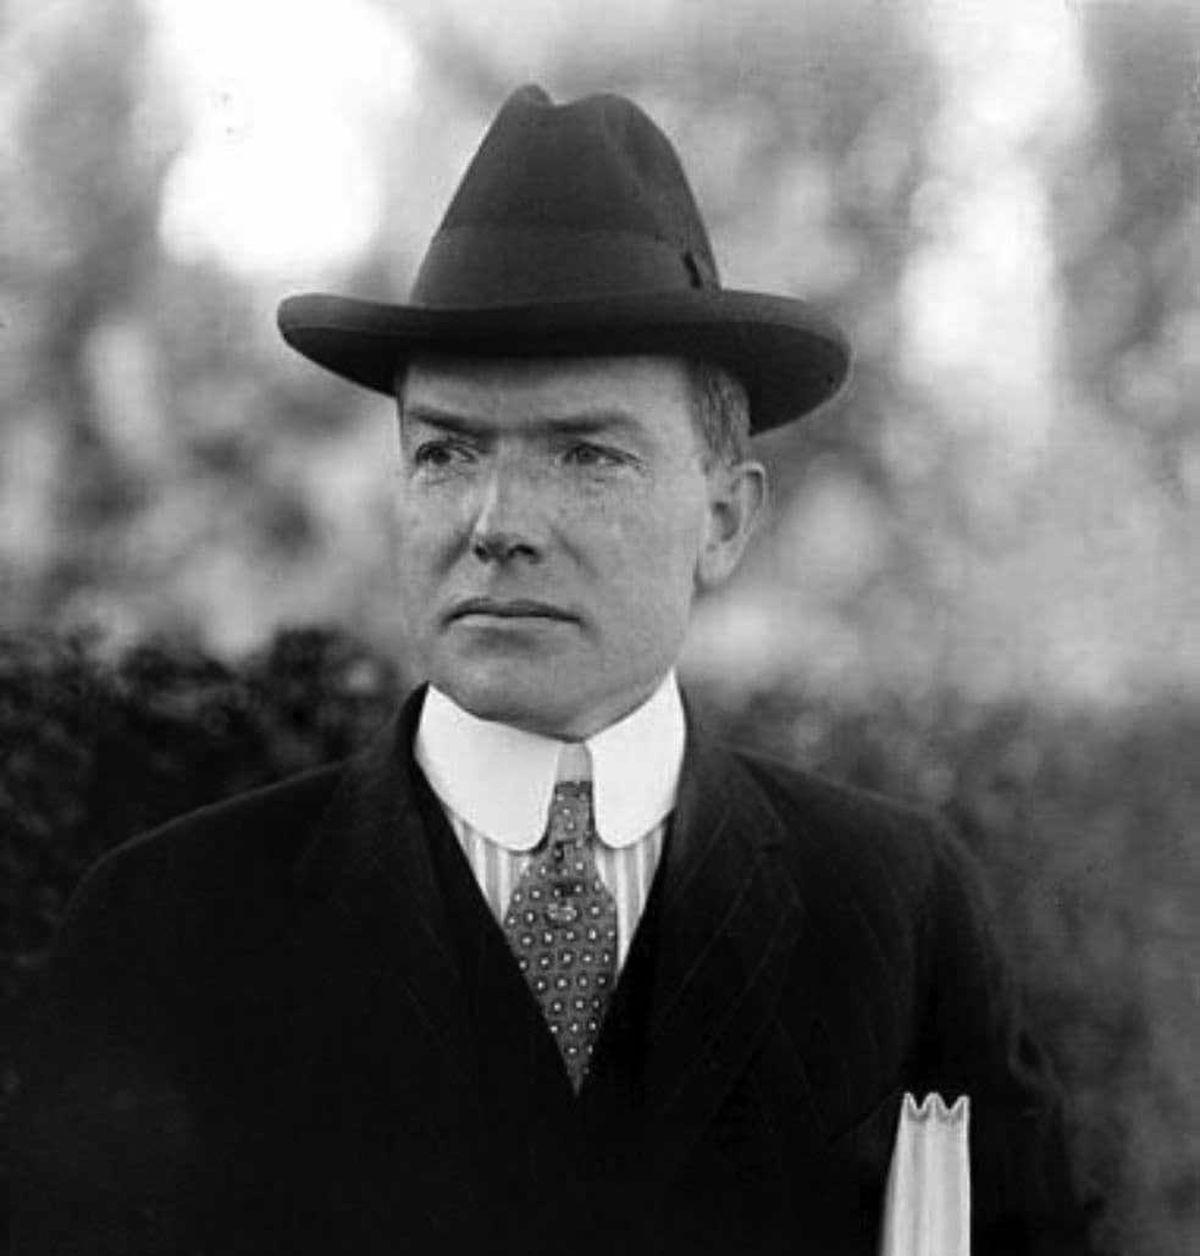 عکسی از ثروتمندترین مرد تاریخ